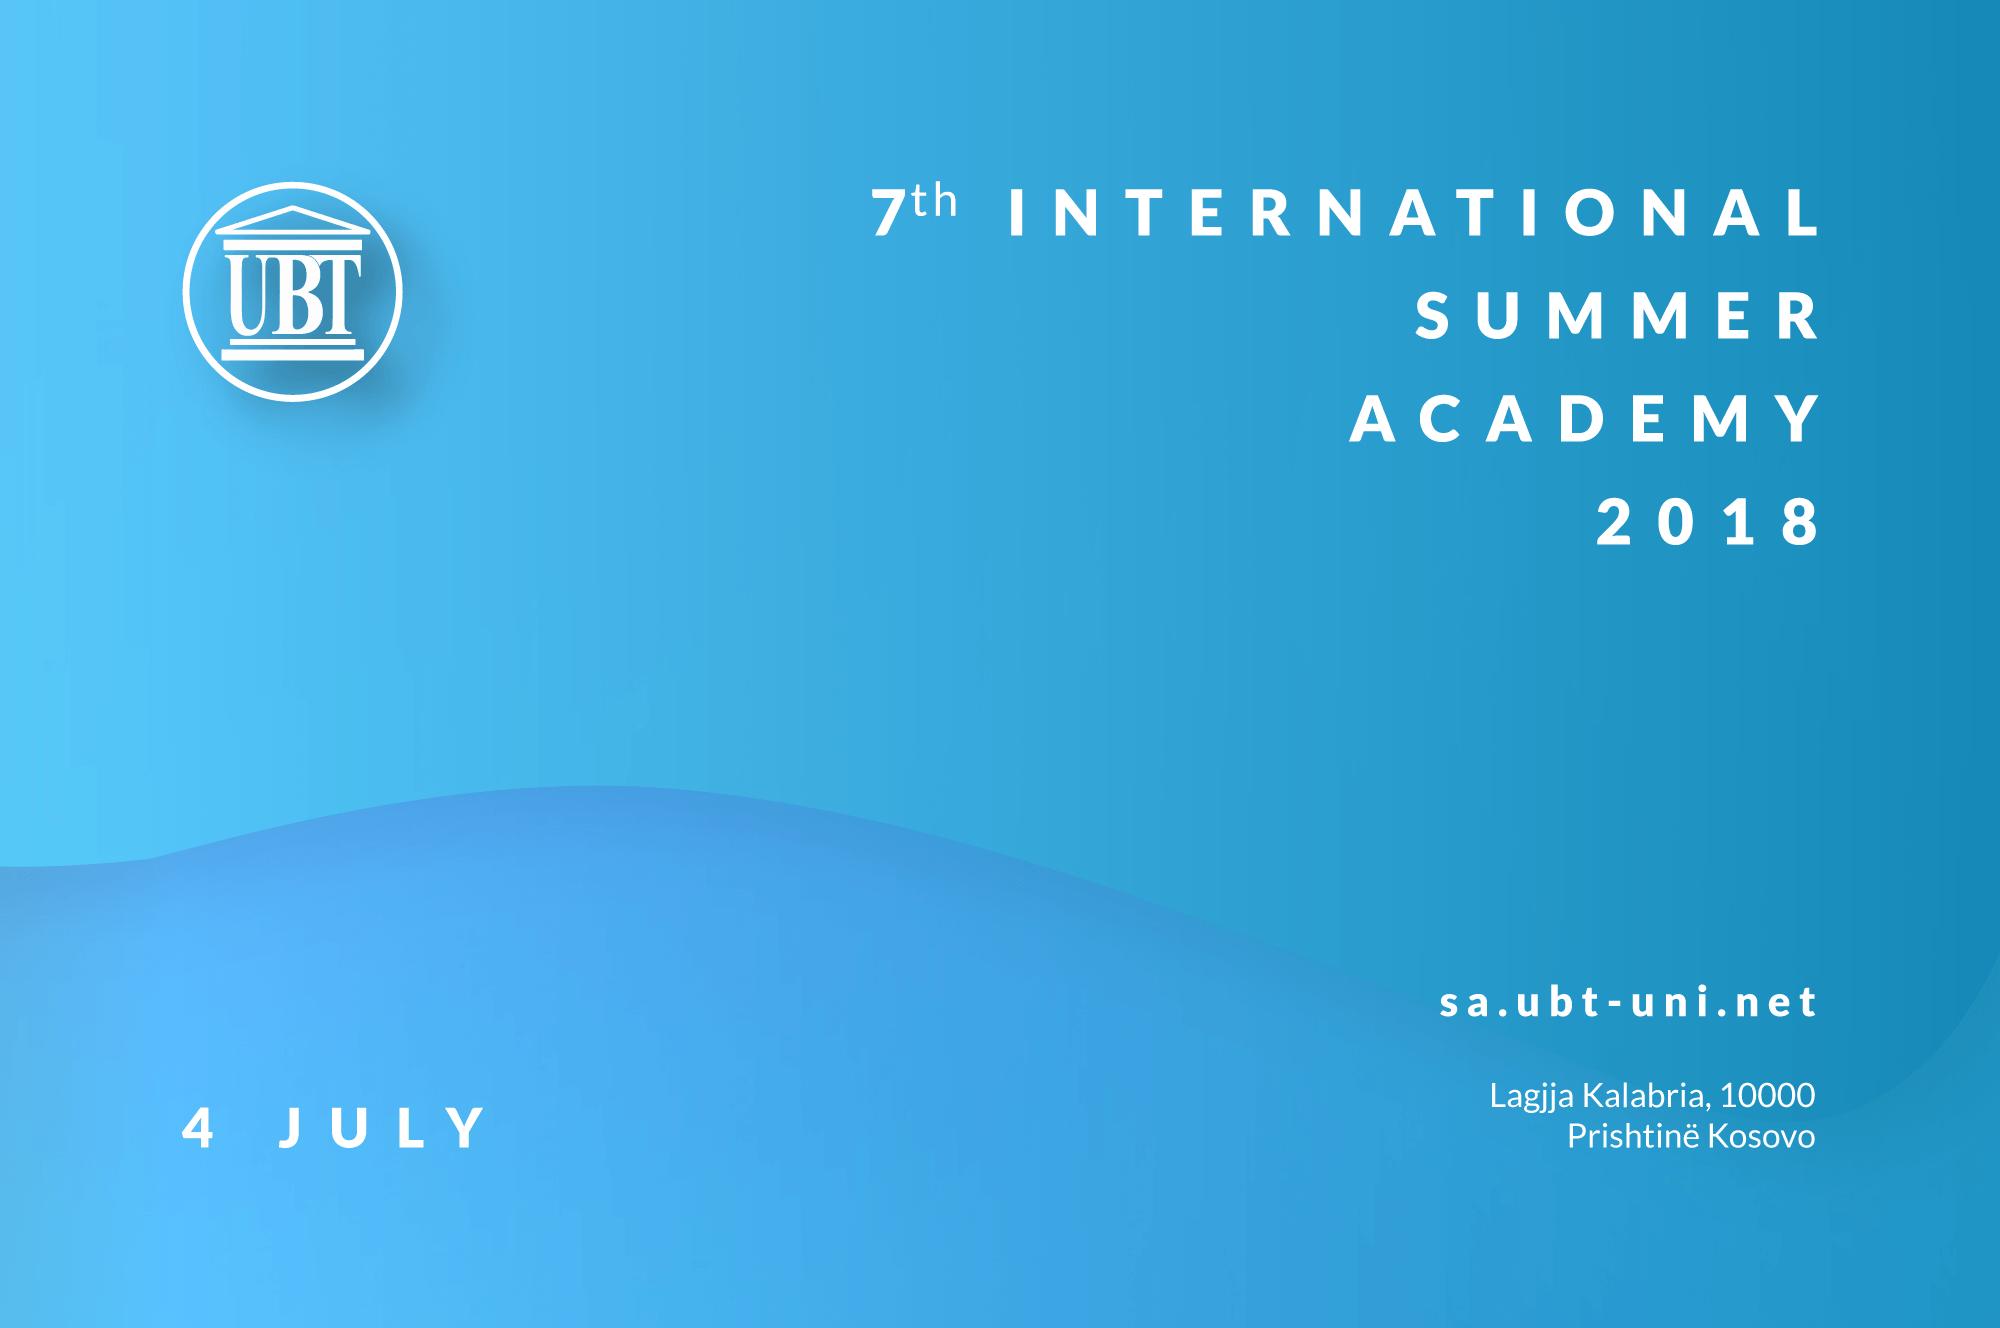 Në korrik nis aktivitetin Akademia Ndërkombëtare Verore e UBT-së (Video)